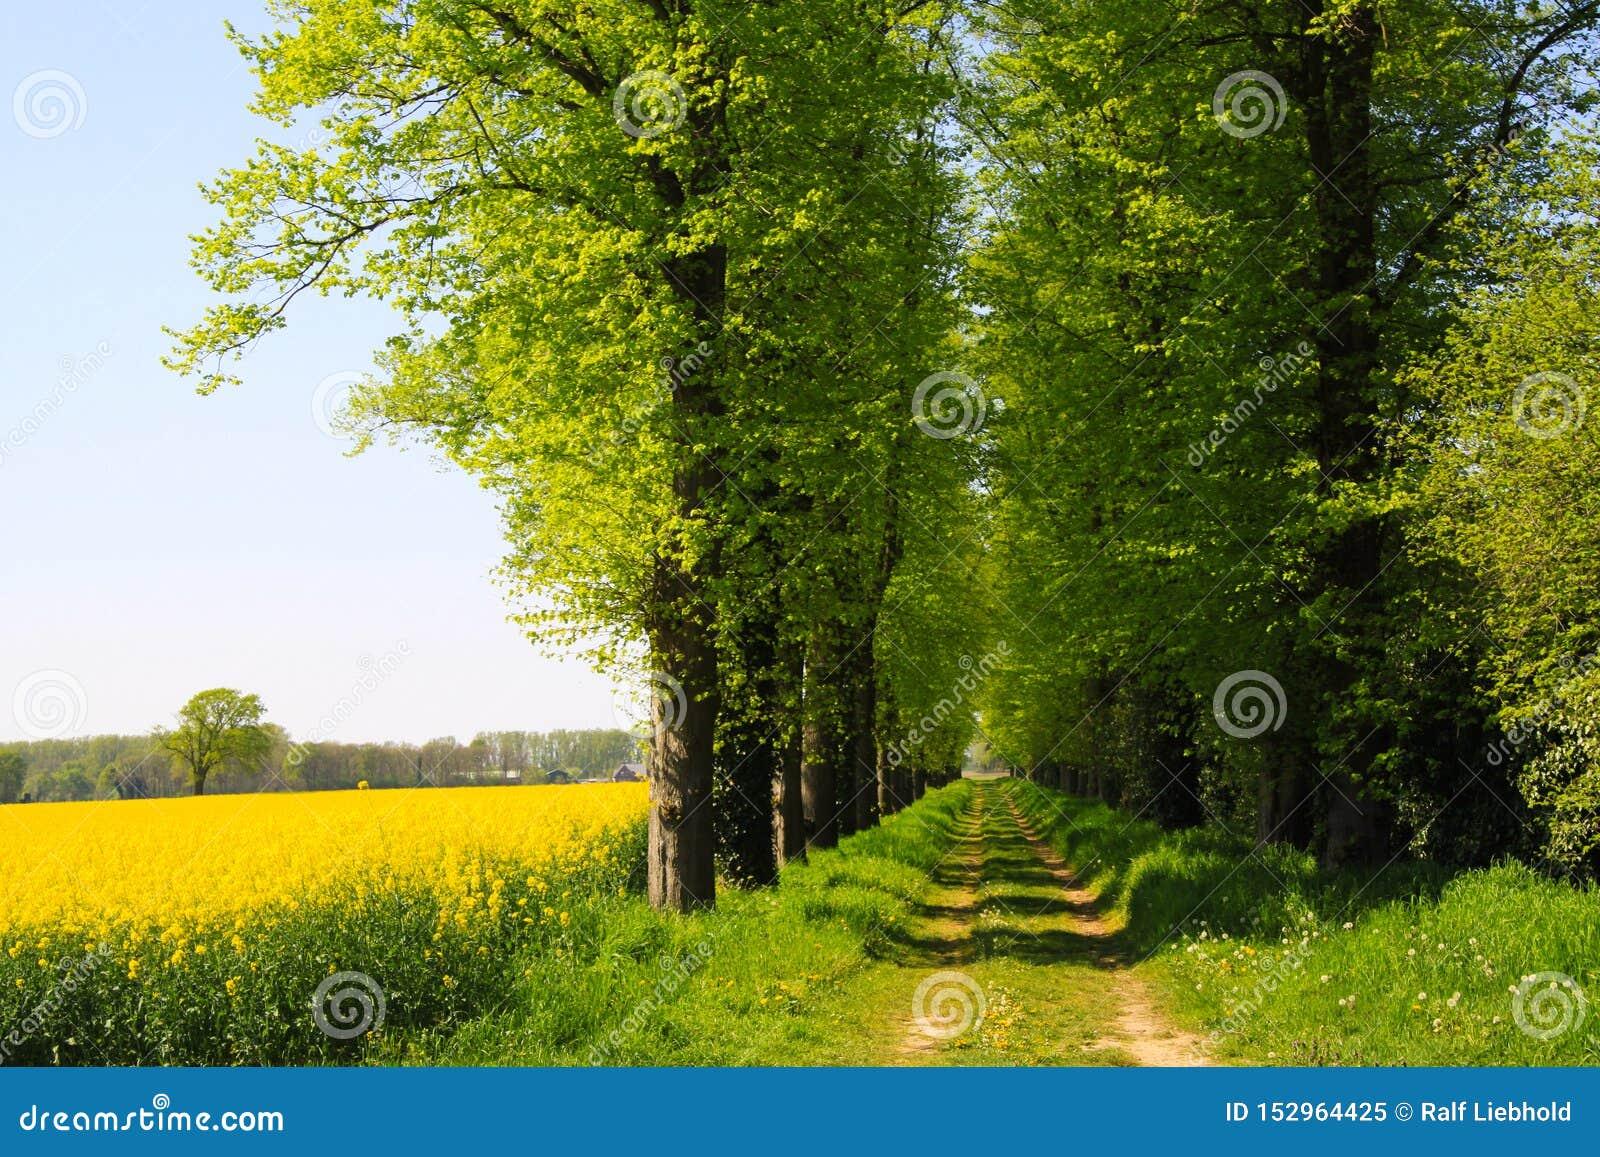 Opinión sobre campo amarillo de la rabina con los árboles verdes y la trayectoria agrícola en paisaje rural holandés en primavera